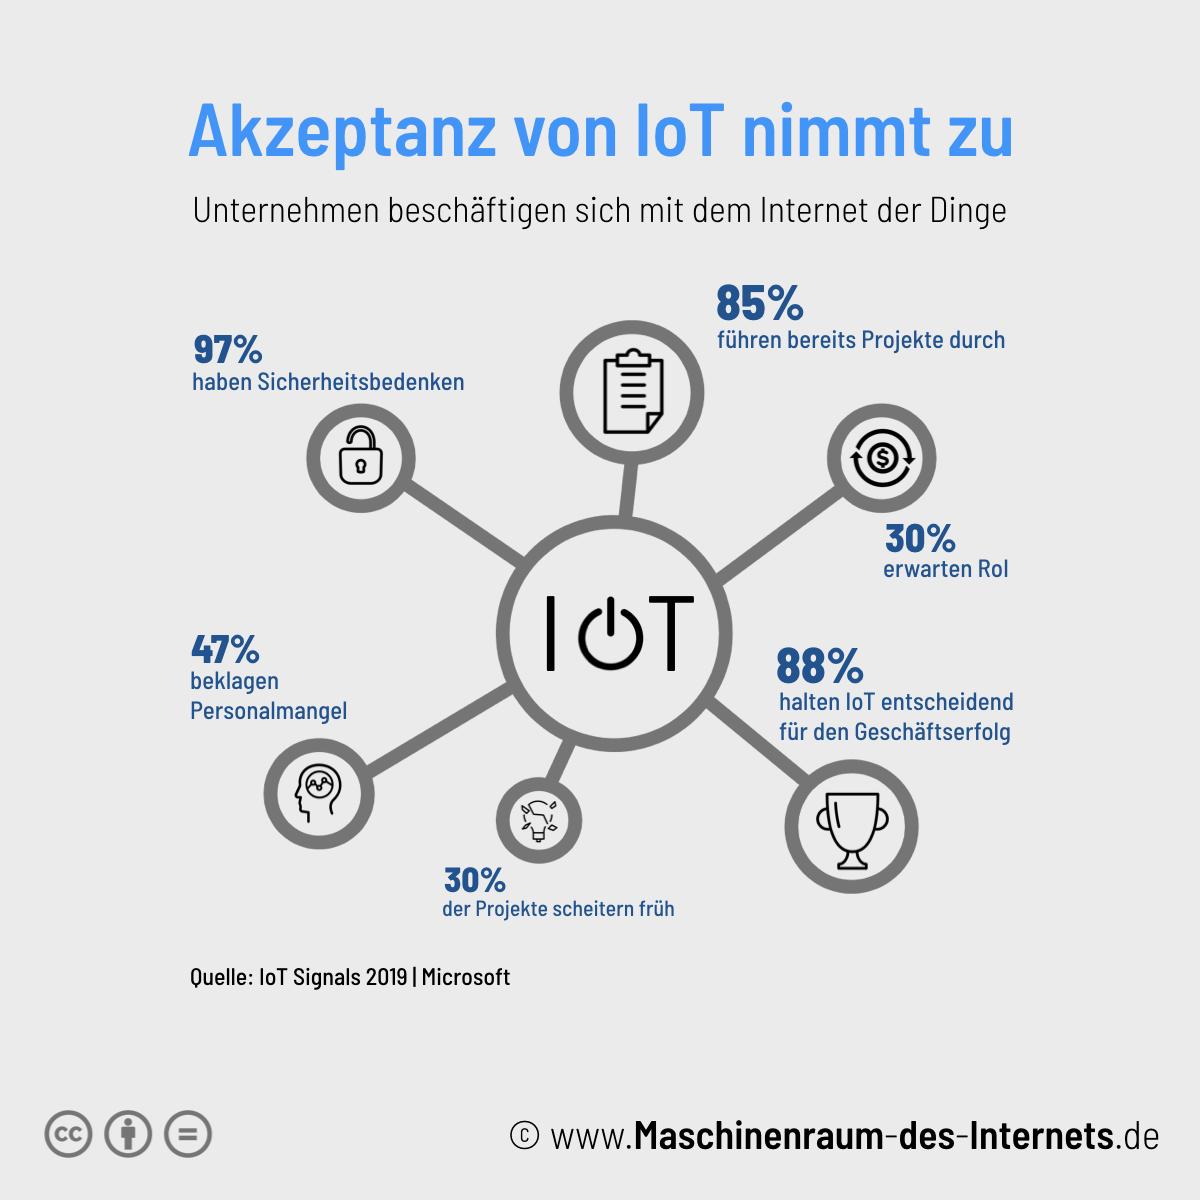 Maschinenraum des Internets ++ Akzeptanz von IoT nimmt zu